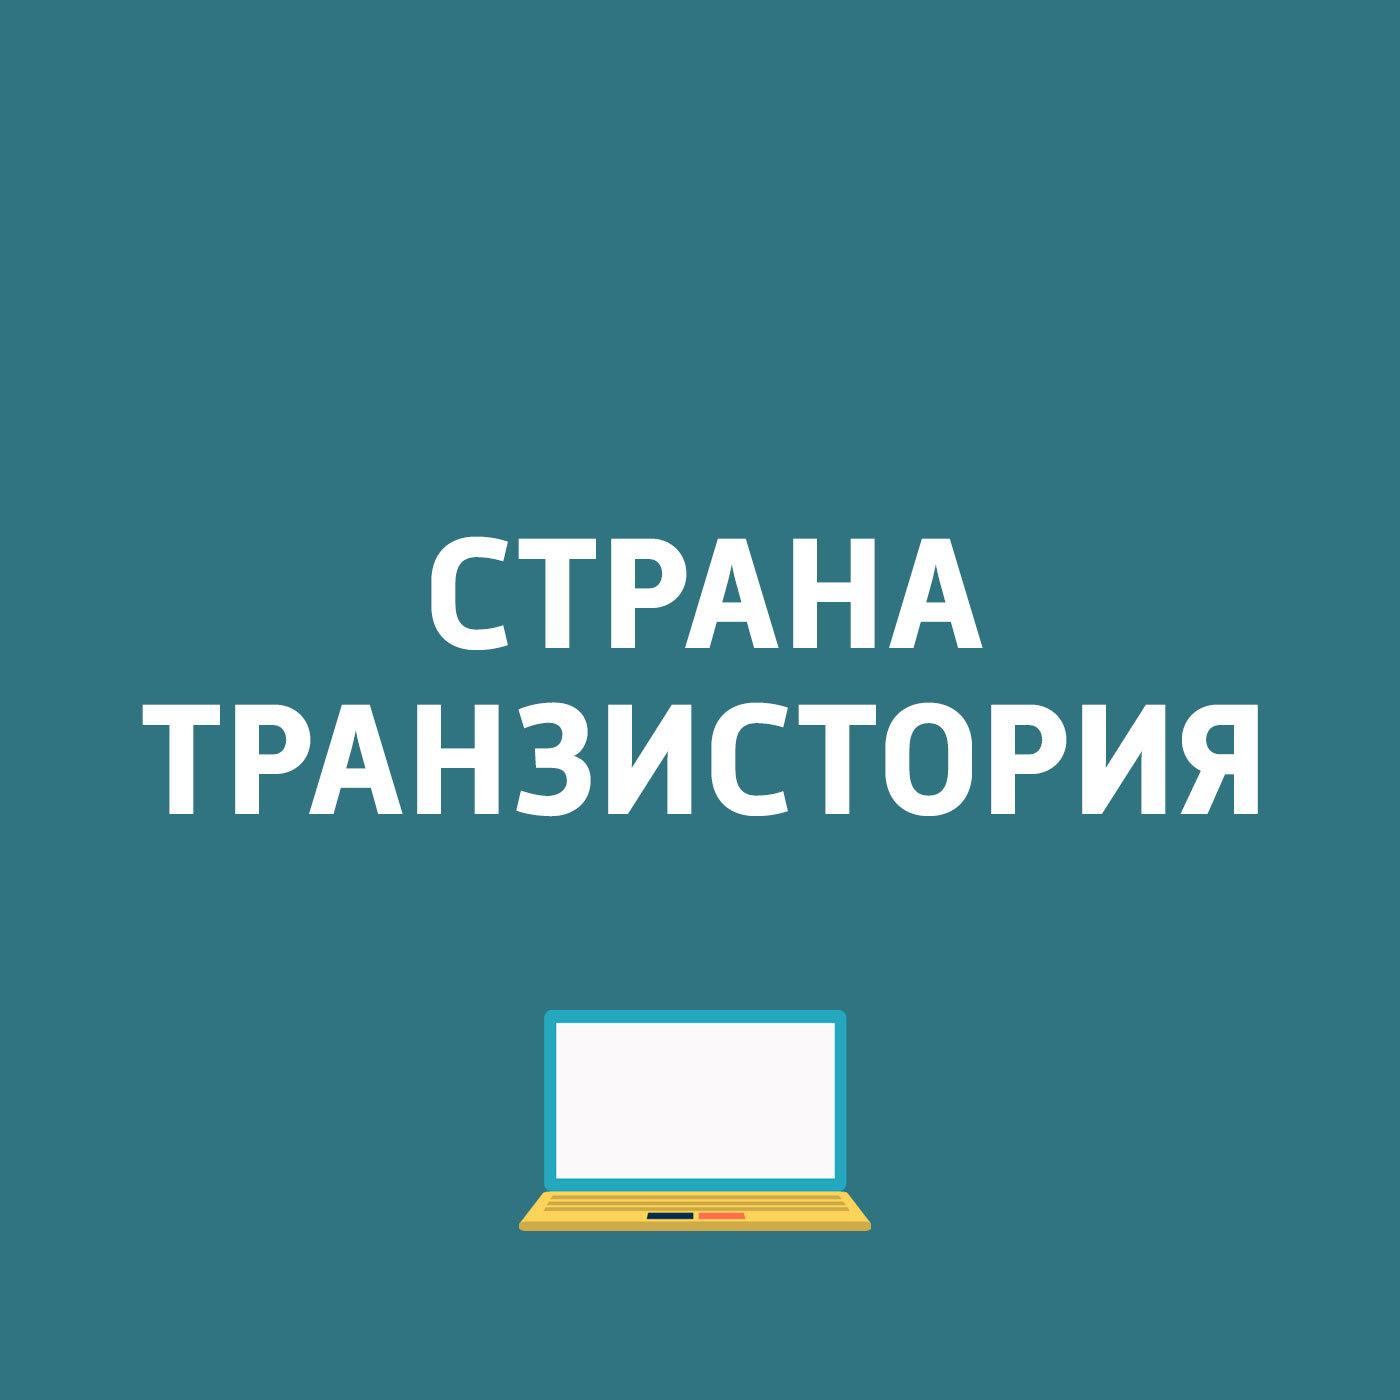 Картаев Павел Motorola возвращается; Telegram избежал блокировки и обновился... картаев павел игра про леонардо самый дешевый смартфон армейский ноутбук